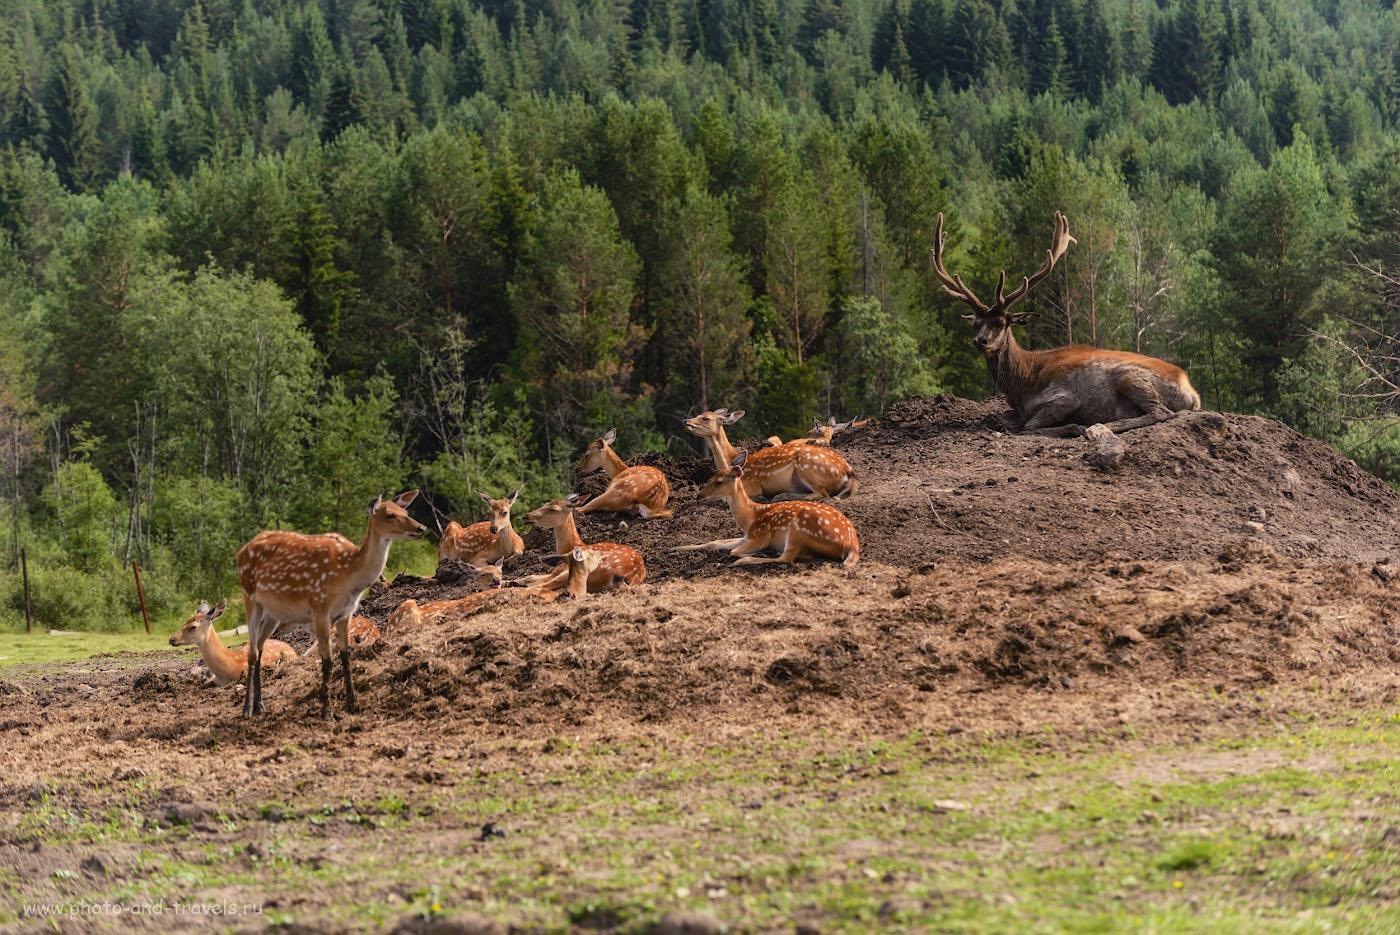 Фотография 2. В поселке Висим на Оленьей ферме содержатся и маралы (благородный олень) и пятнистые олени. 1/500, -0.67, 4.8, 100, 155.